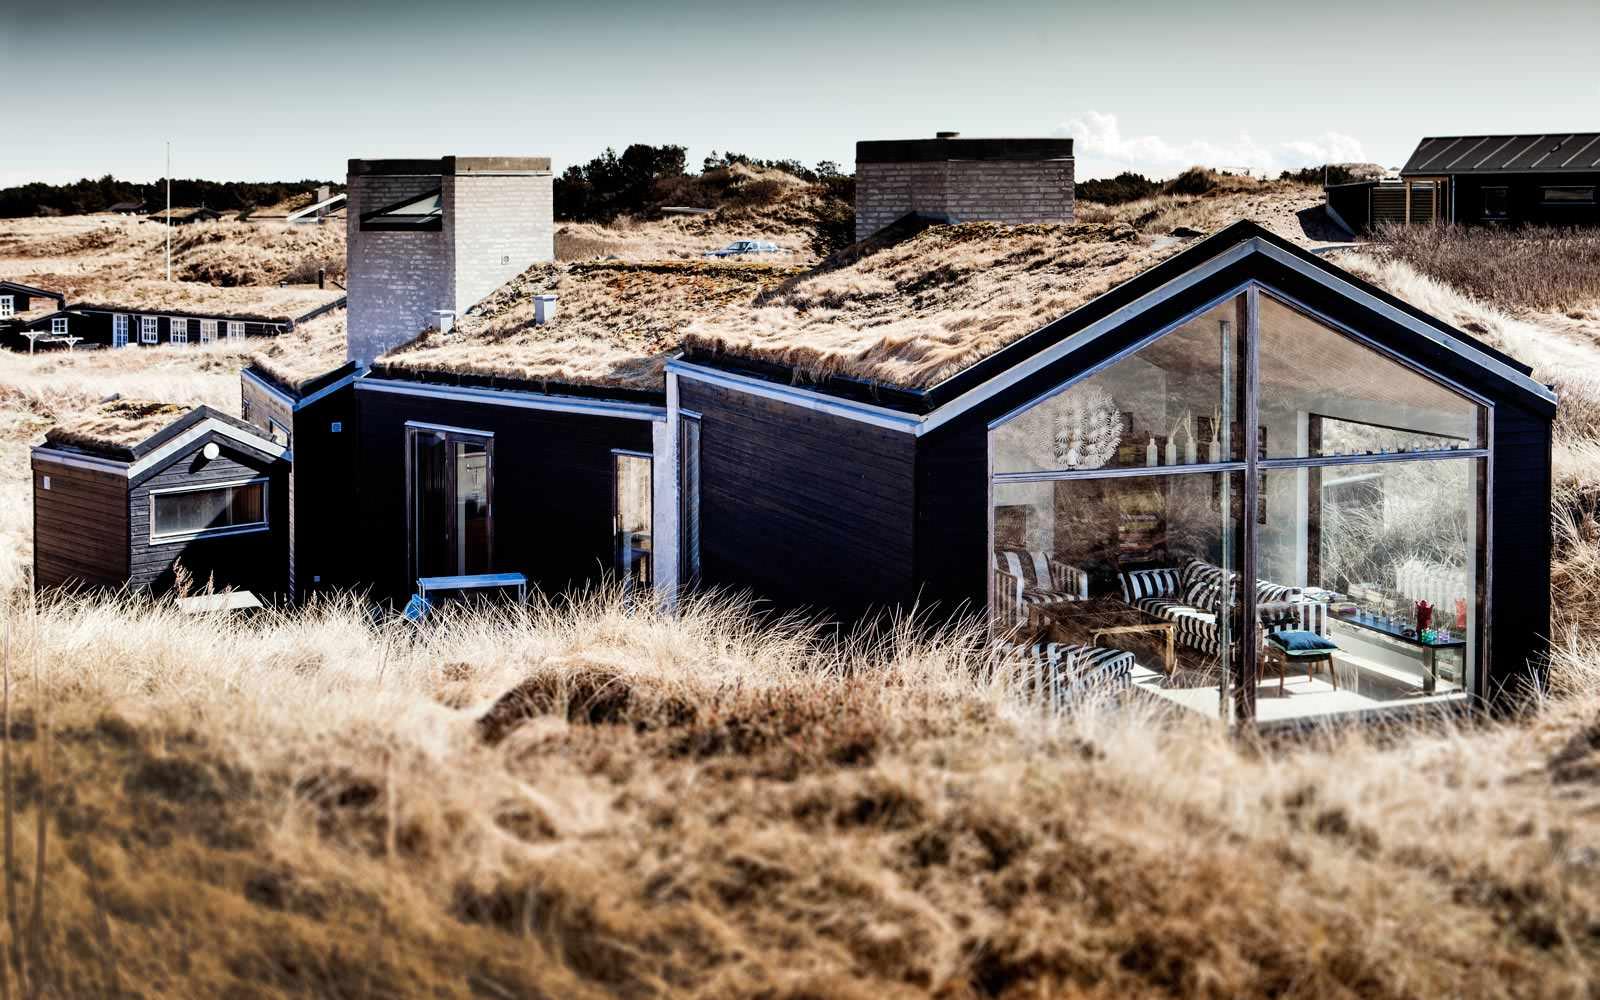 Architektur Ein dänisches Ferienhaus duckt sich in die Dünen